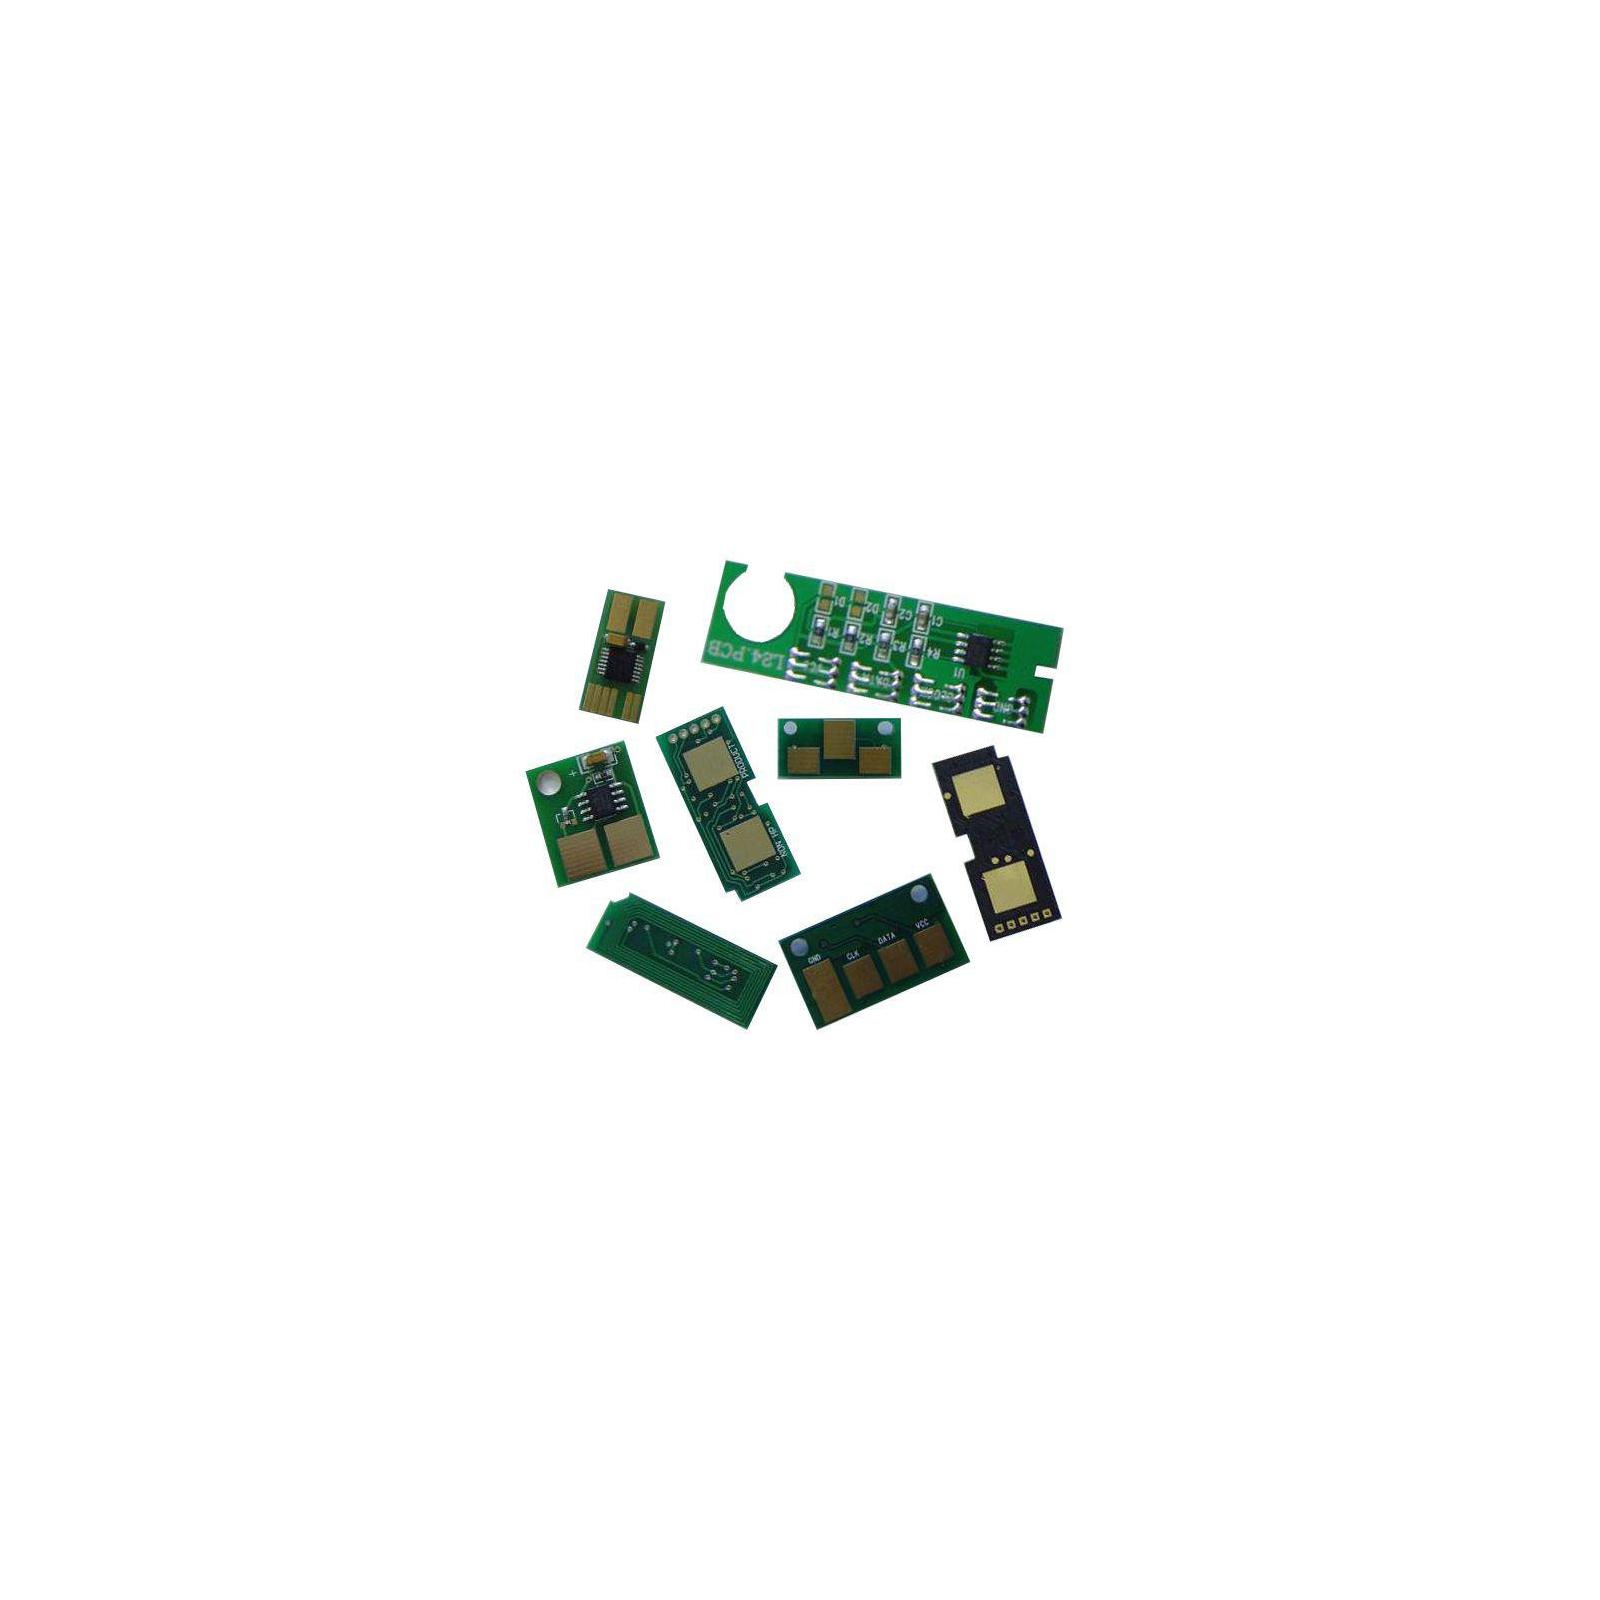 Чип для картриджа XEROX VL B400/B405 ДЛЯ ДРАМА 101R00554 65K Everprint (CHIP-XER-VLB400-DR)